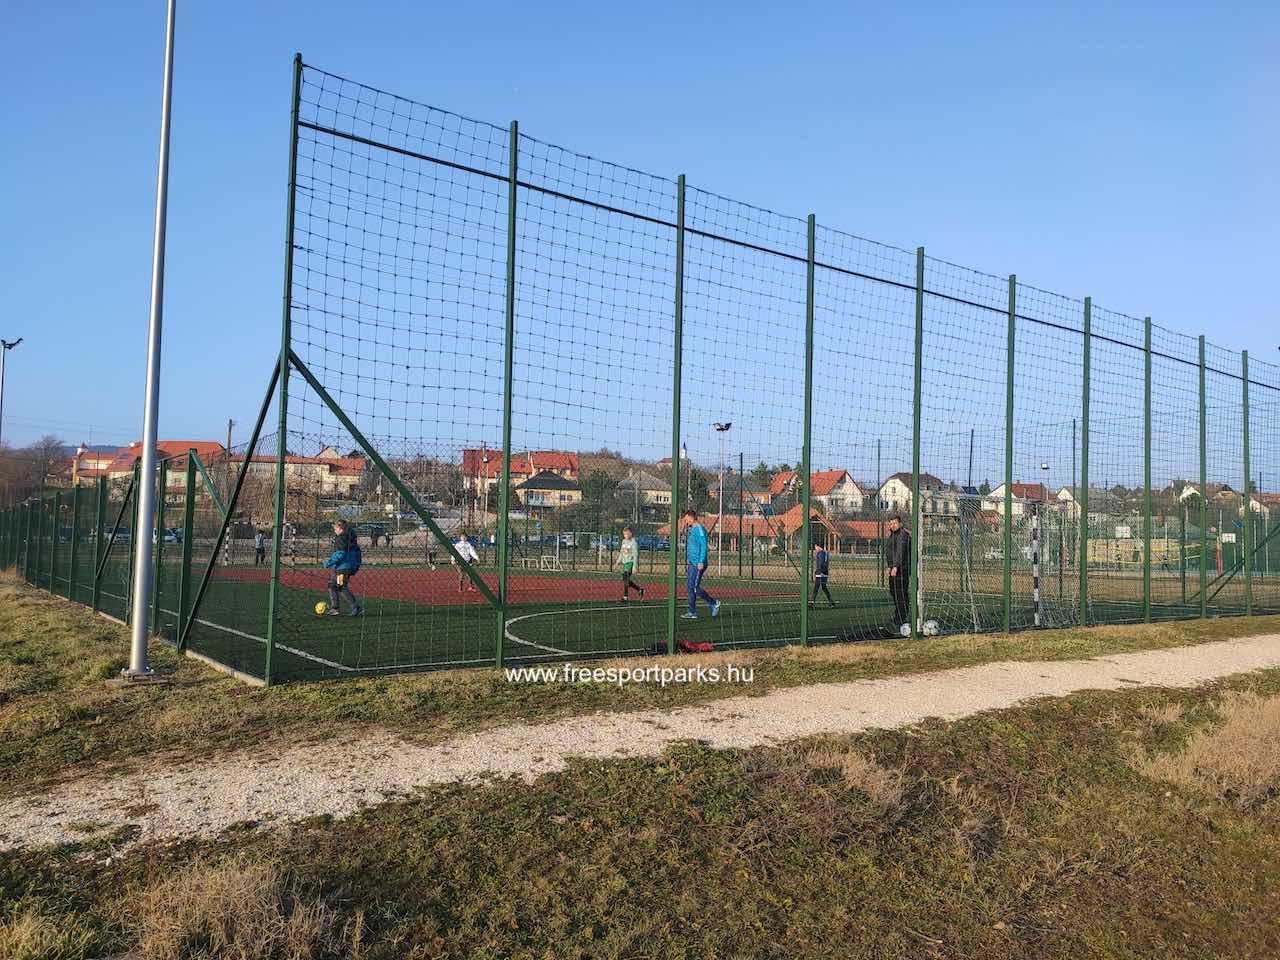 bérelhető műfüves focipálya és tenniszpálya